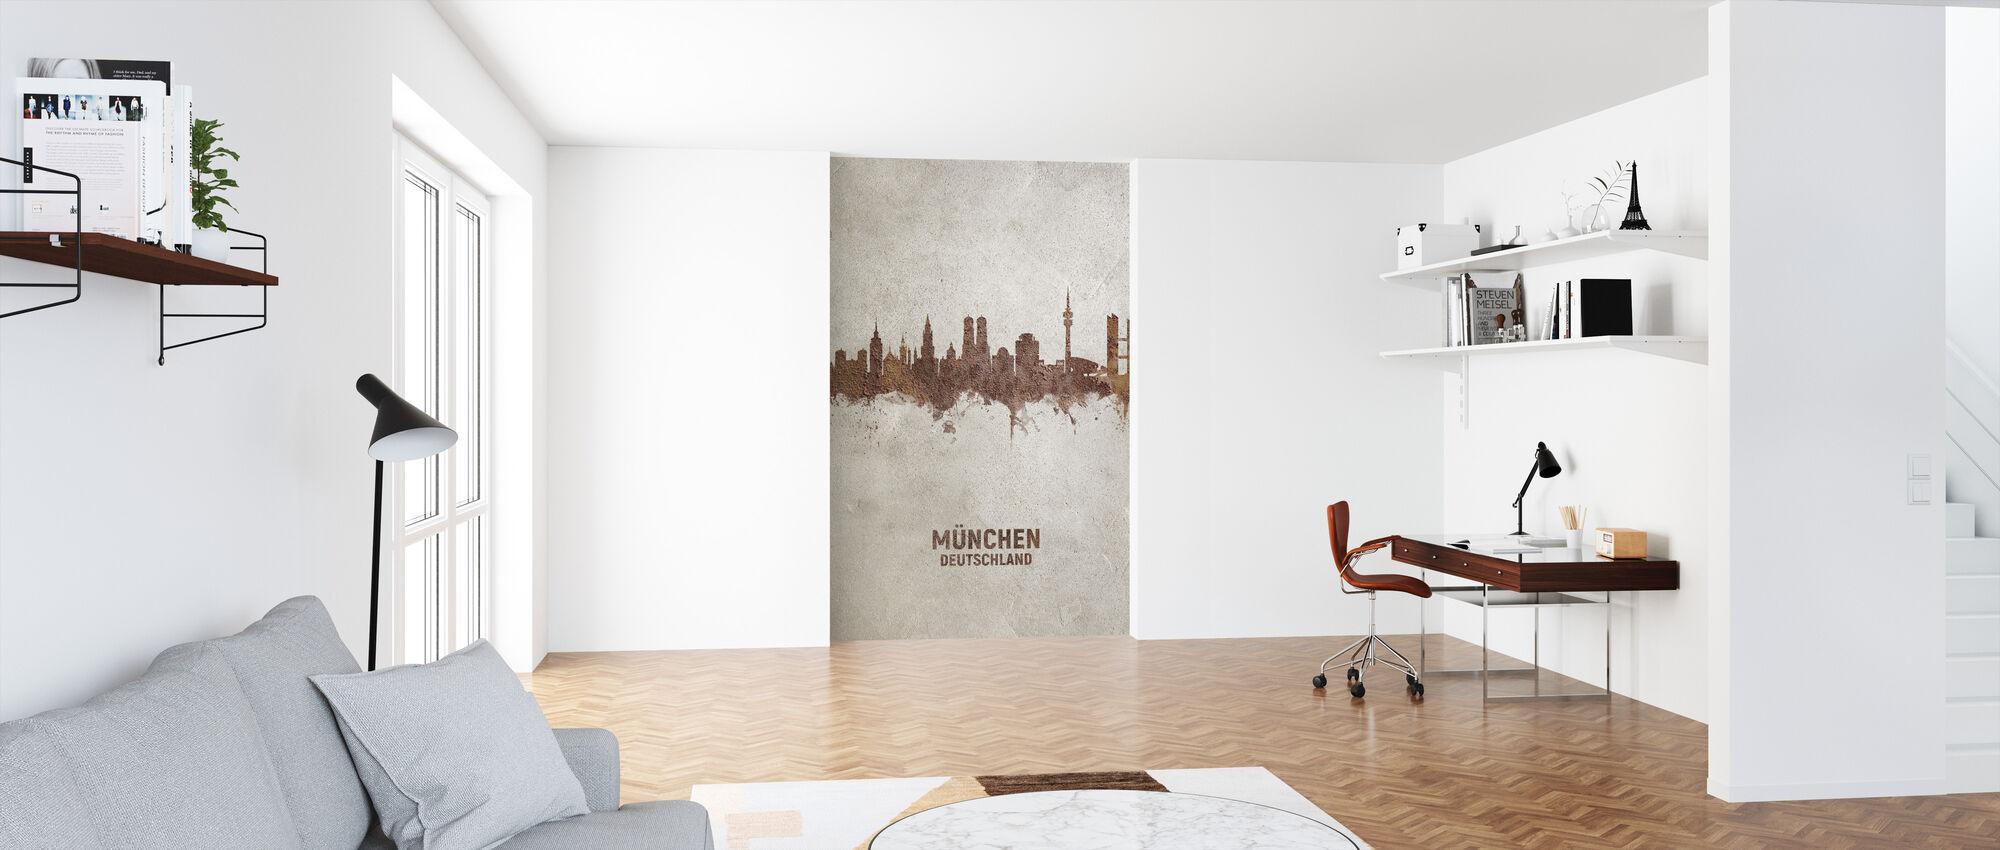 Munich Germany Rust Skyline - Wallpaper - Office